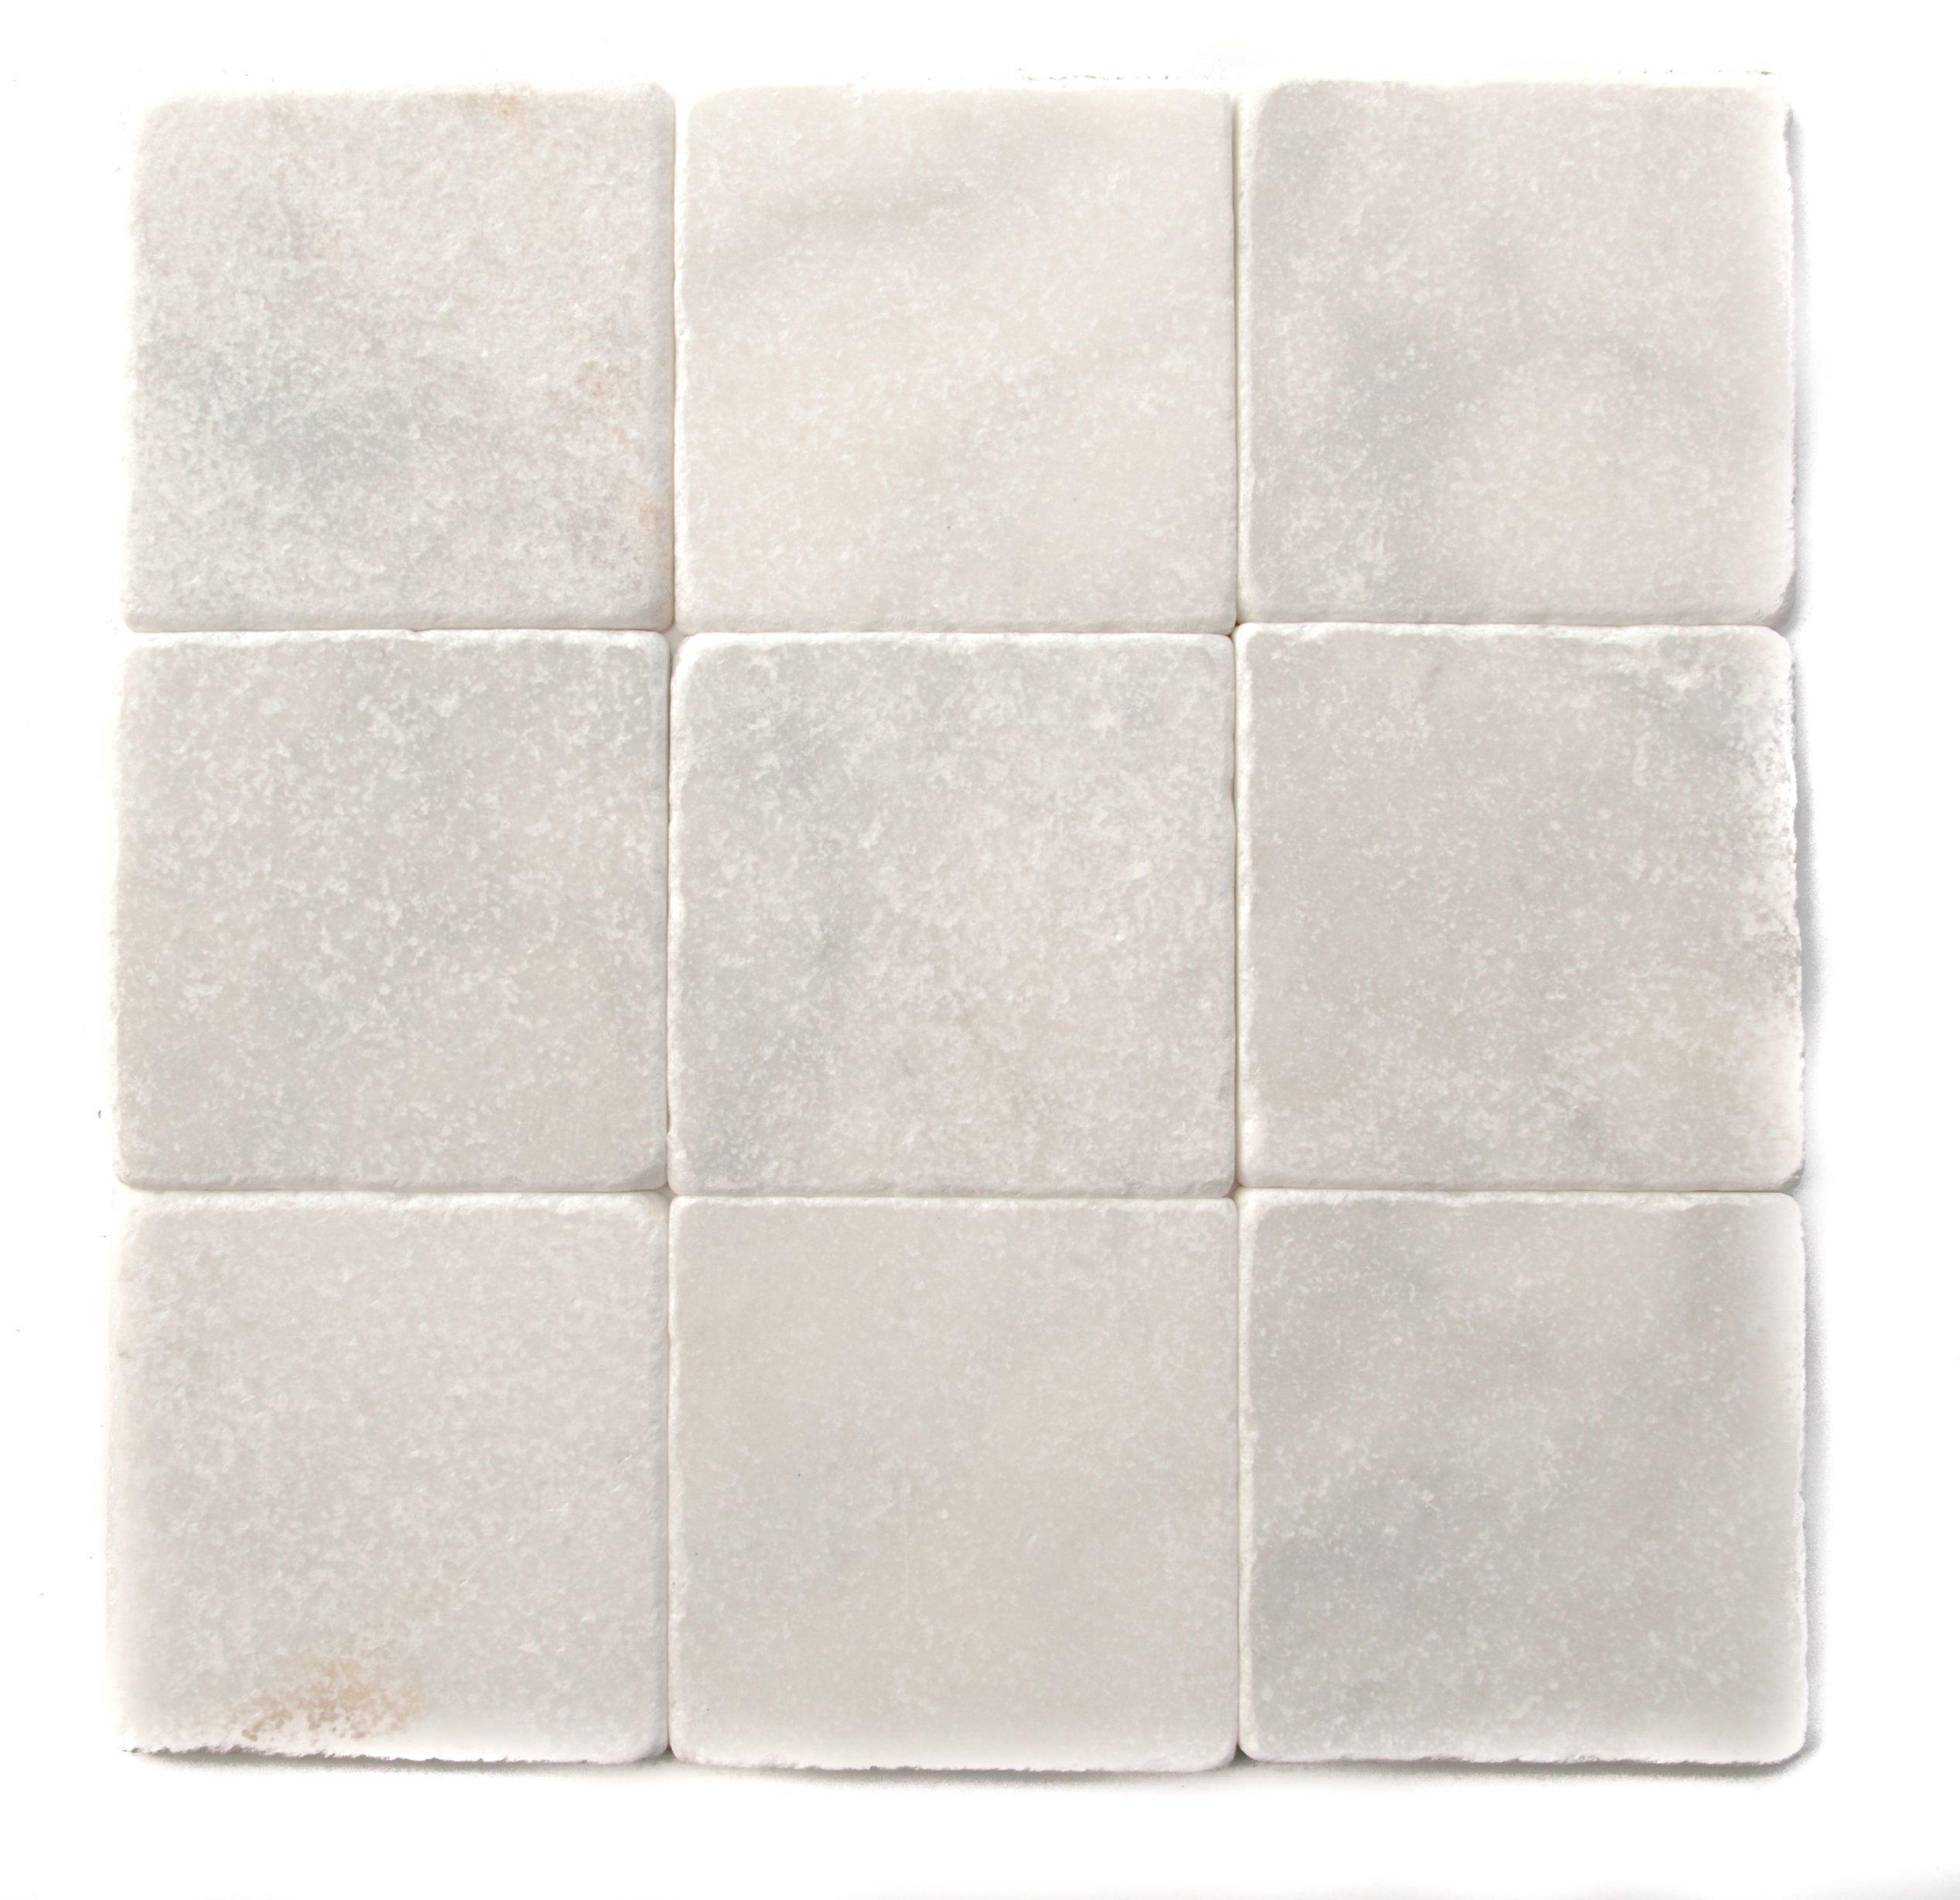 Bianco Venato Marble 4x4 Tumbled Tiles (LOT of 50 SQ. FT.)